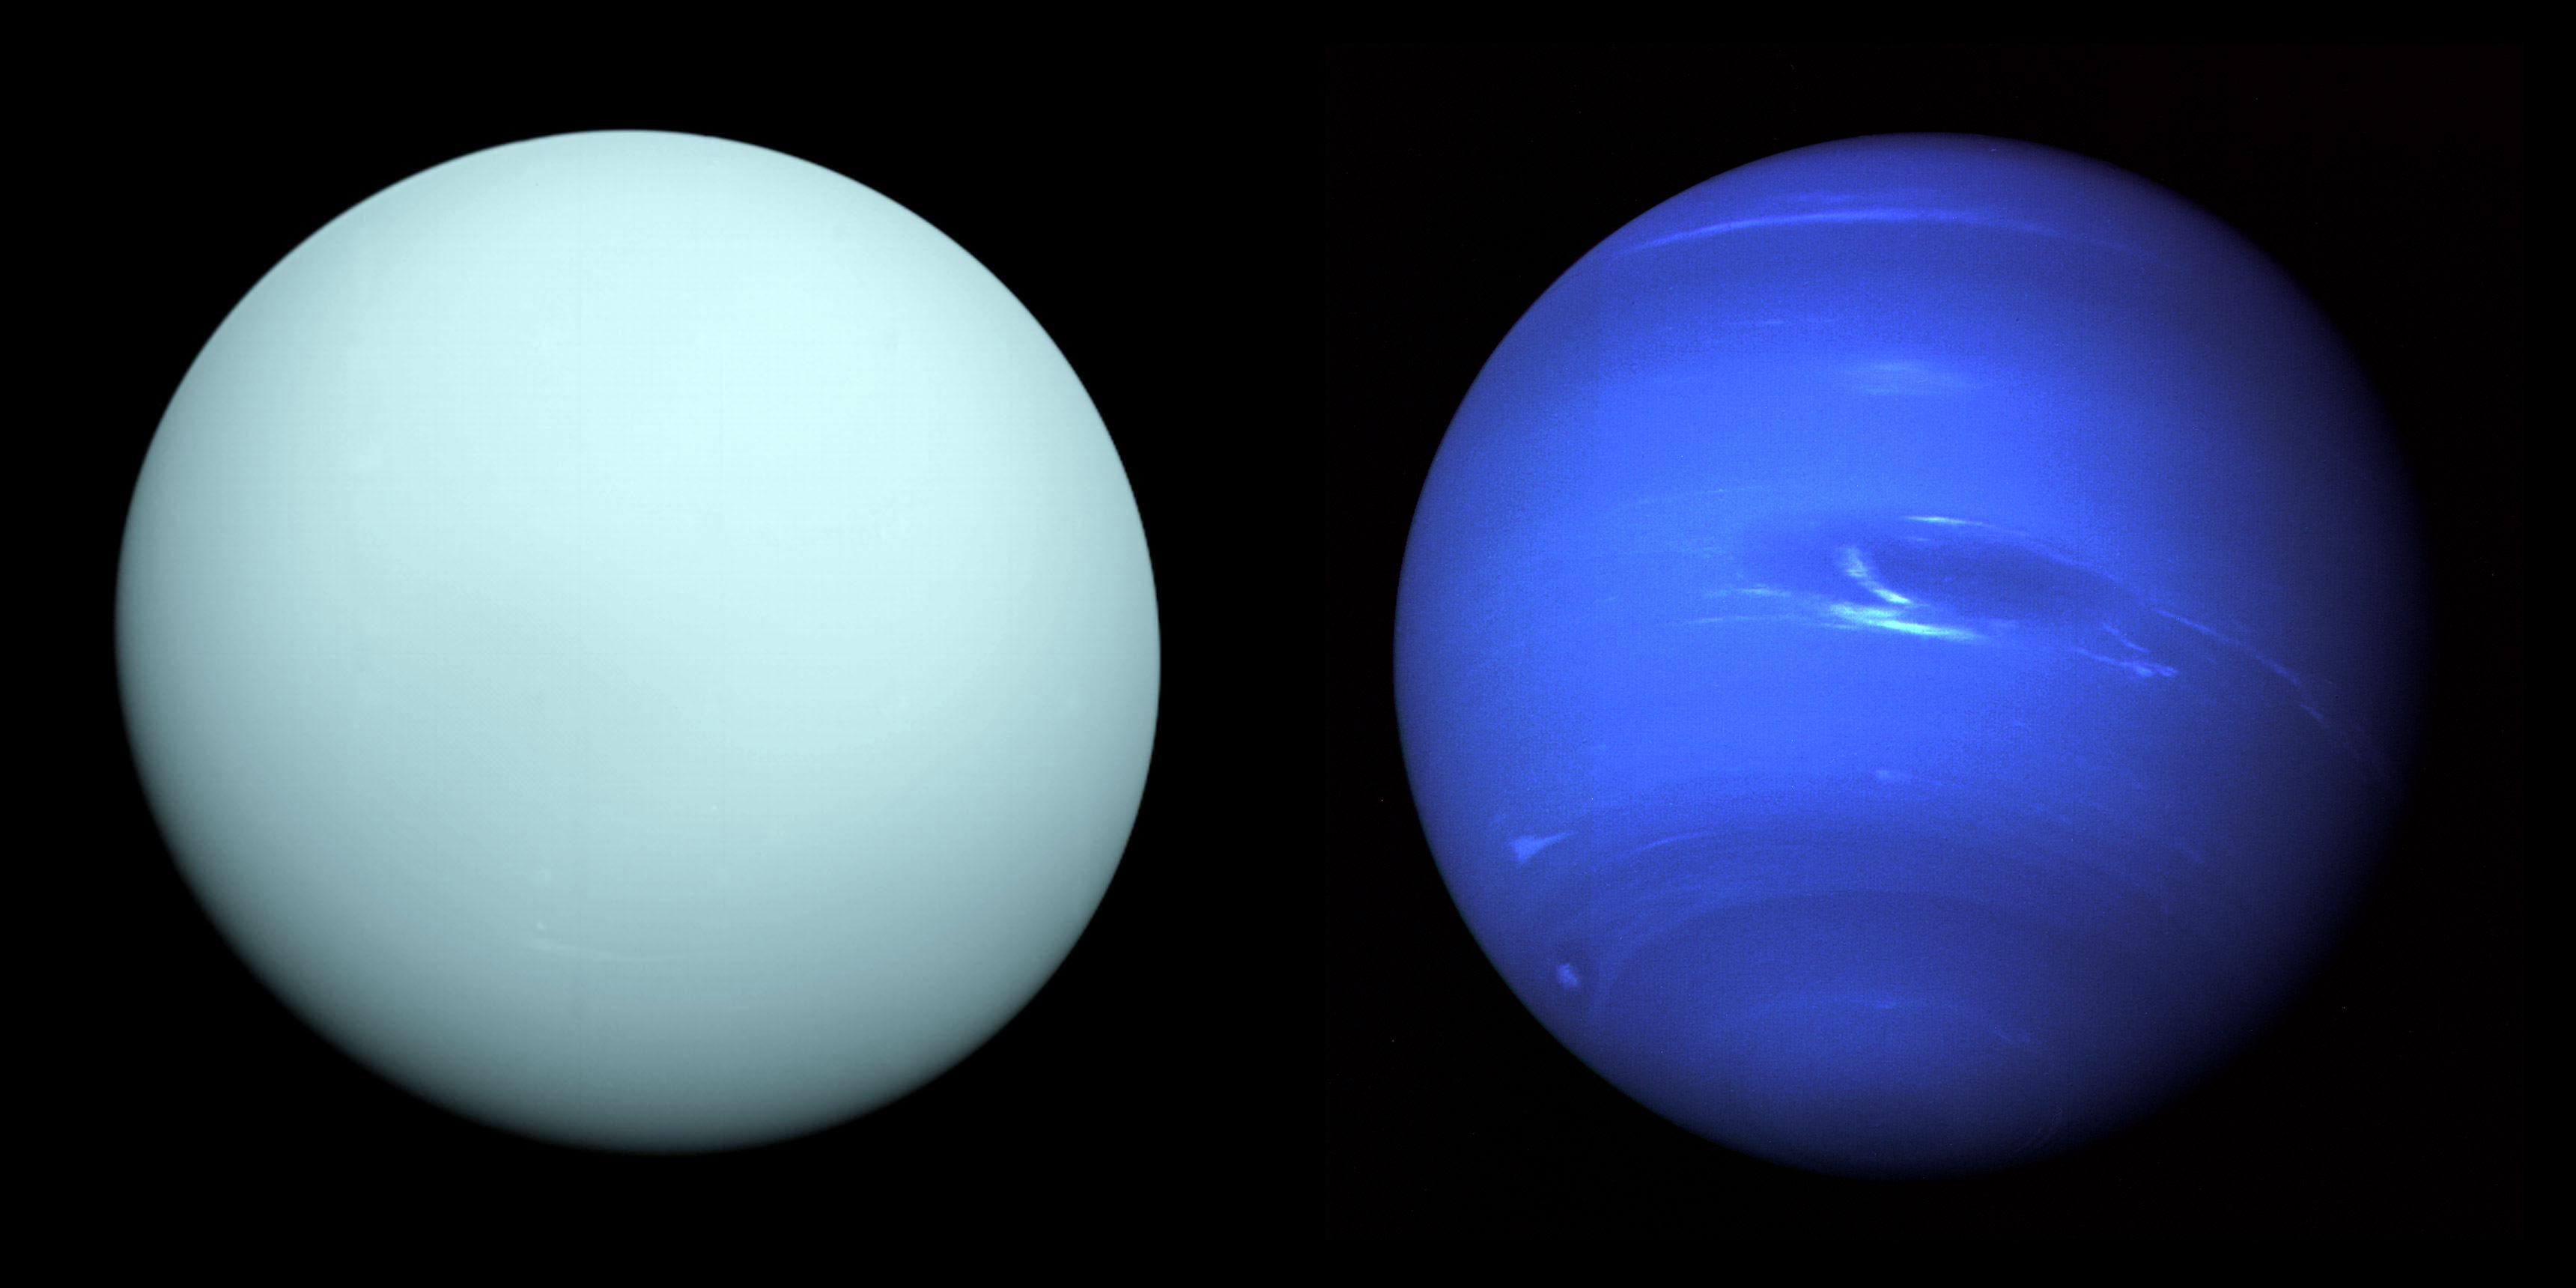 What Color Is Uranus